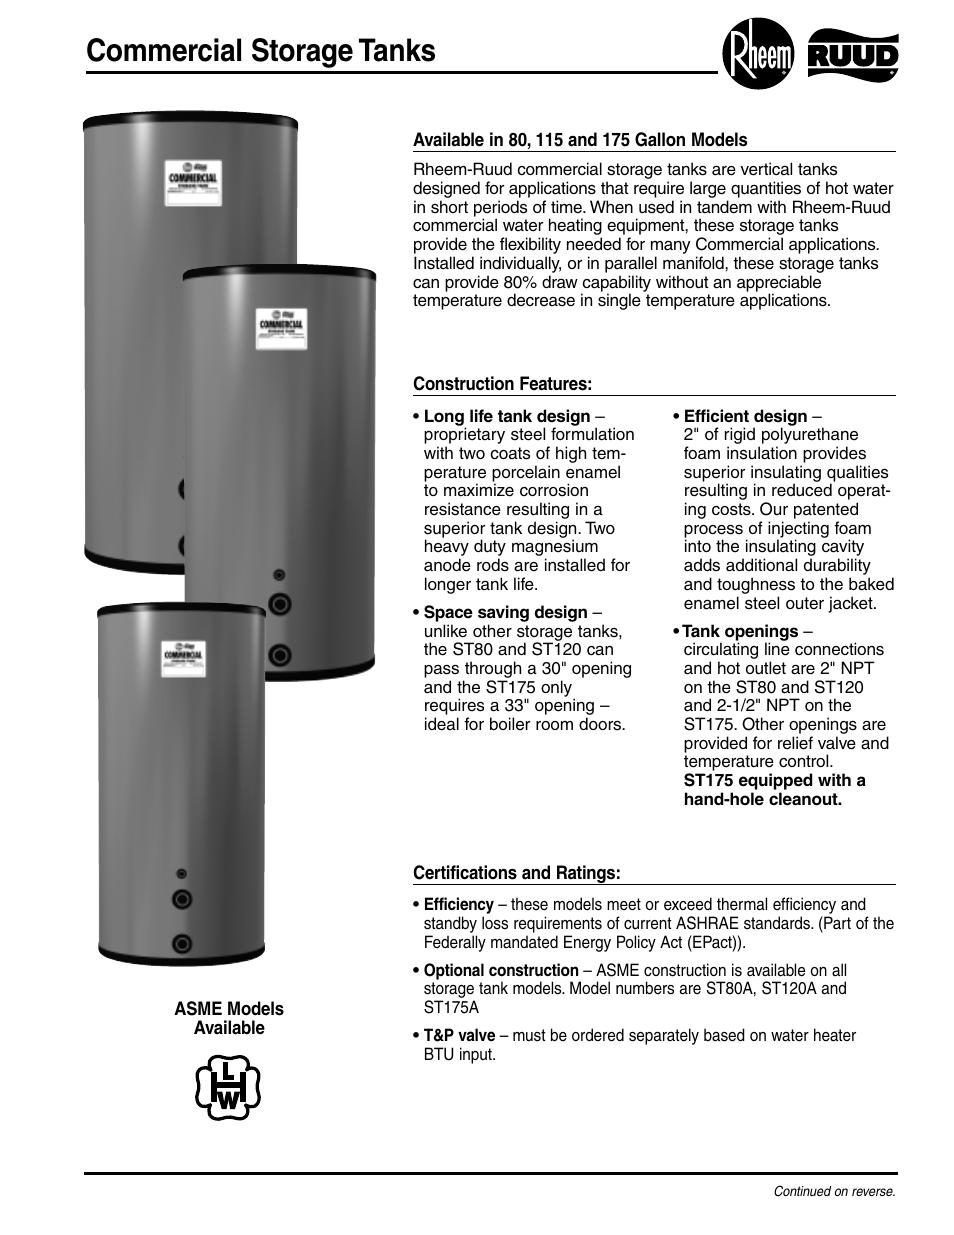 rheem hot water tank manual